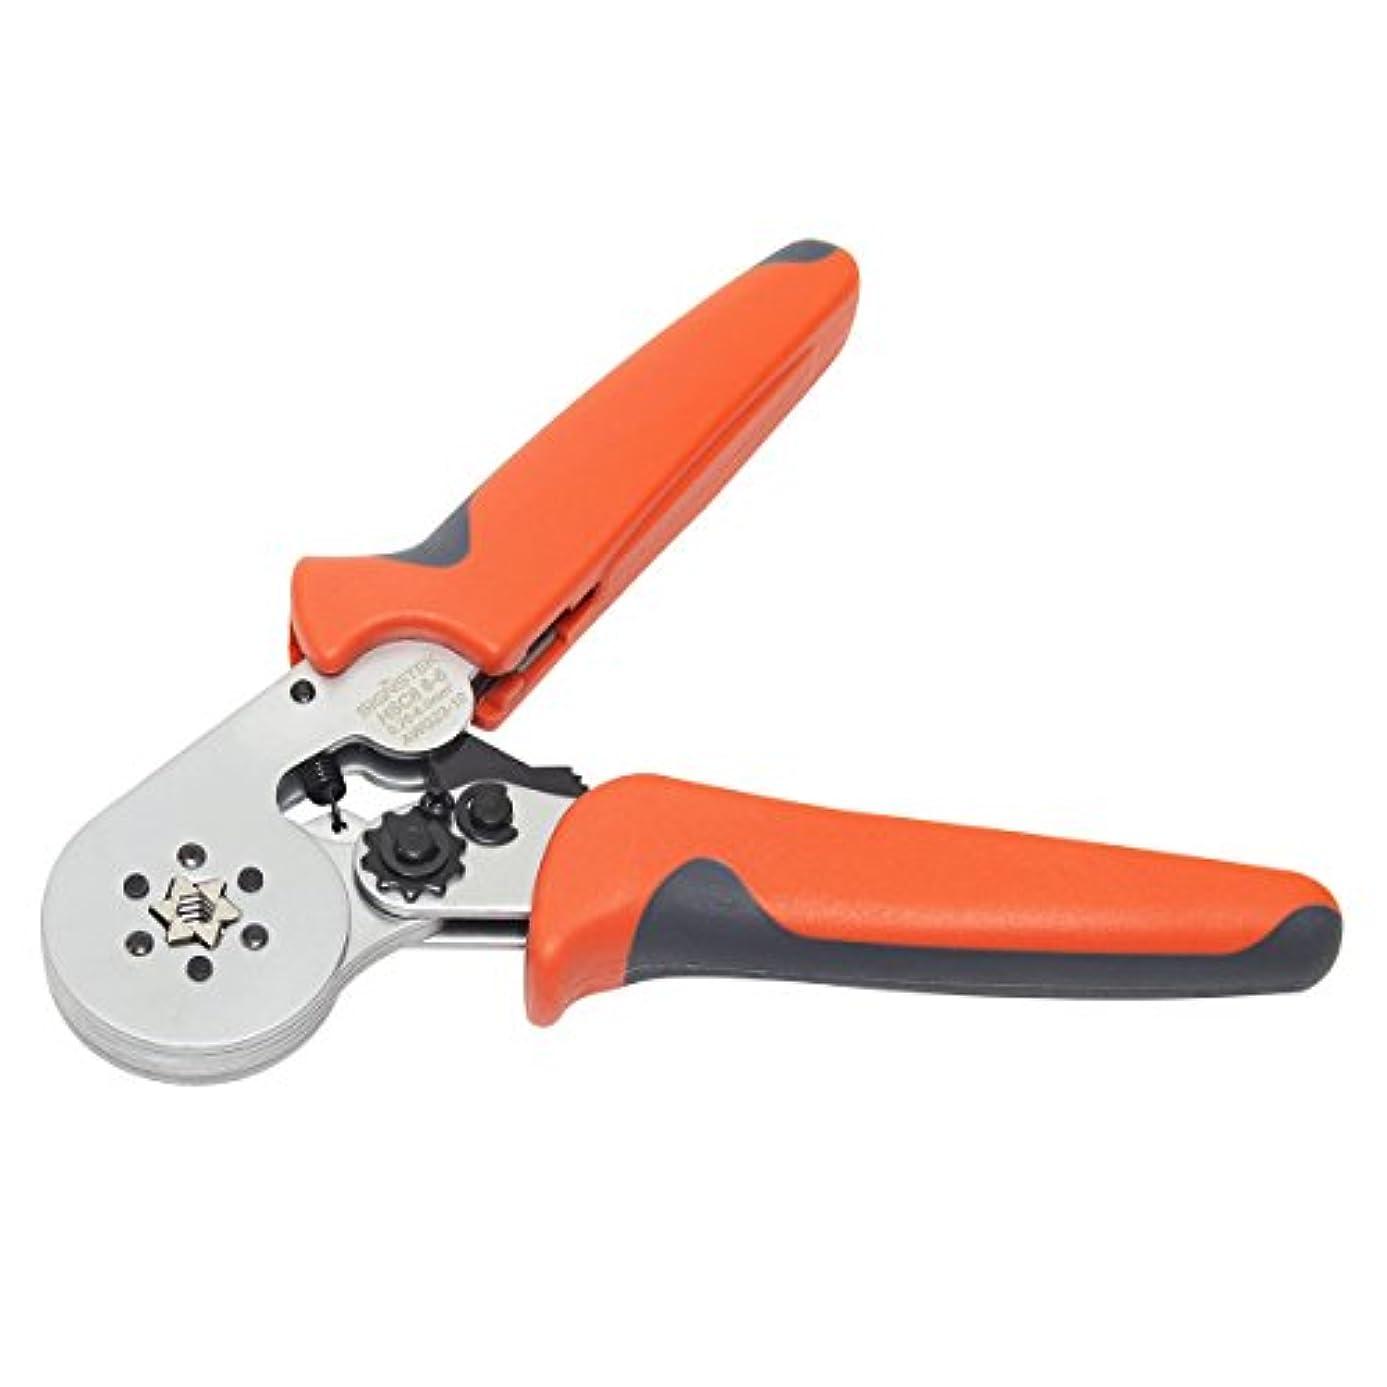 Signstek HSC8 6-6 Self-adjustable Wire Crimper Plier Crimping Tools for 0.25-6.0mm2 Cable End-sleeves